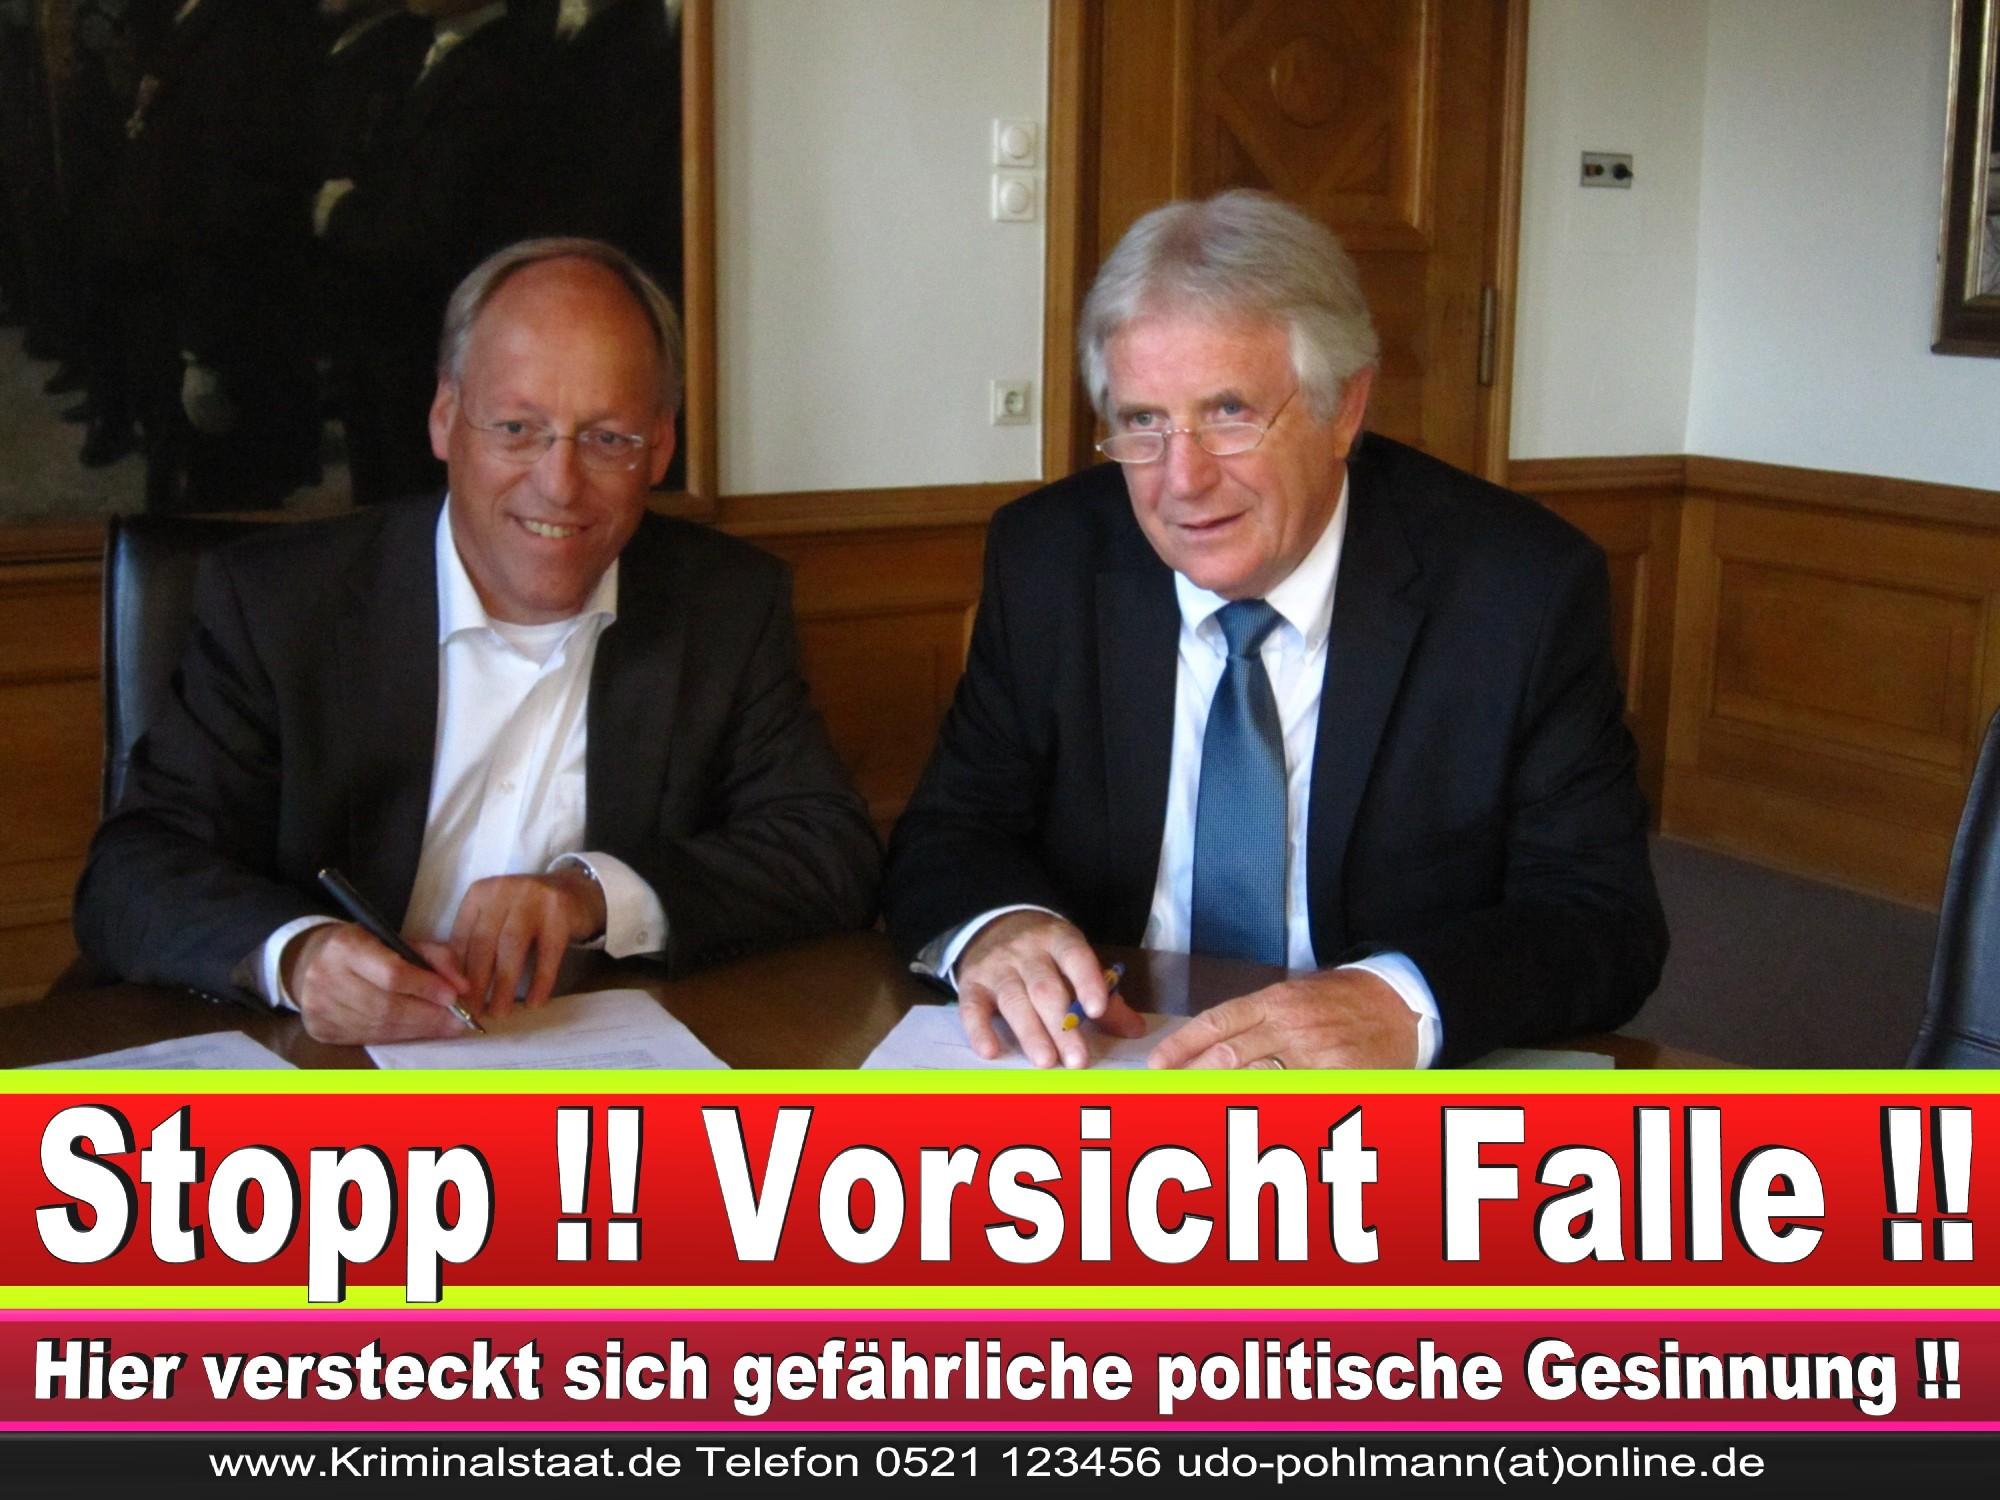 Polizeipräsident Erwin Südfeld Bielefeld Oberbürgermeister Bürgermeister Peter Clausen Pit Clausen Bielefeld (71)